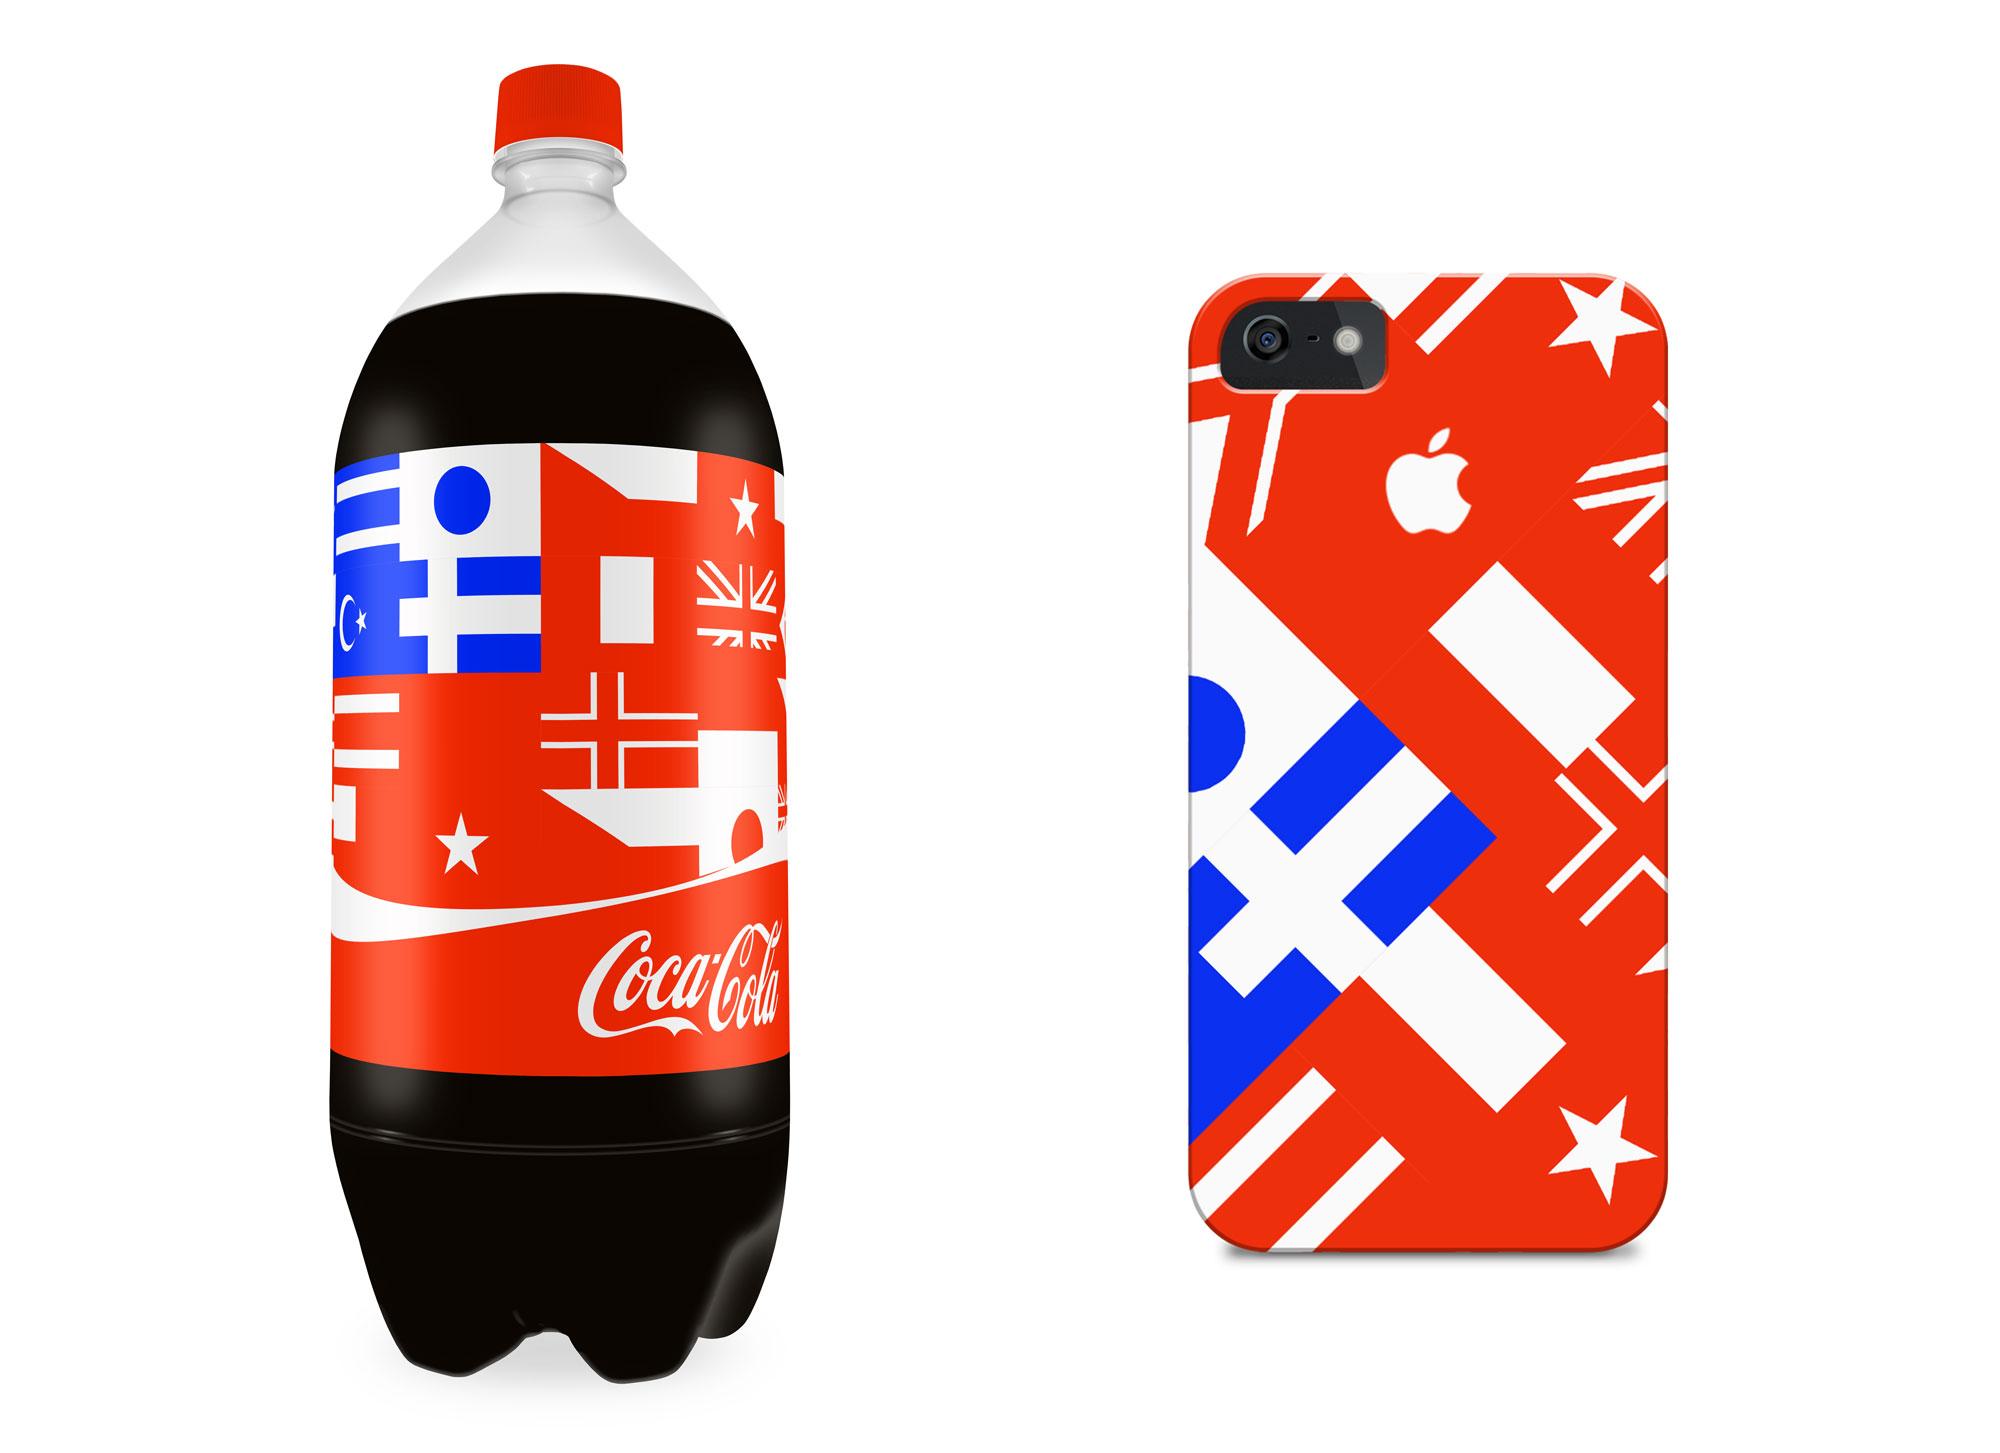 cocacola_apple.jpg